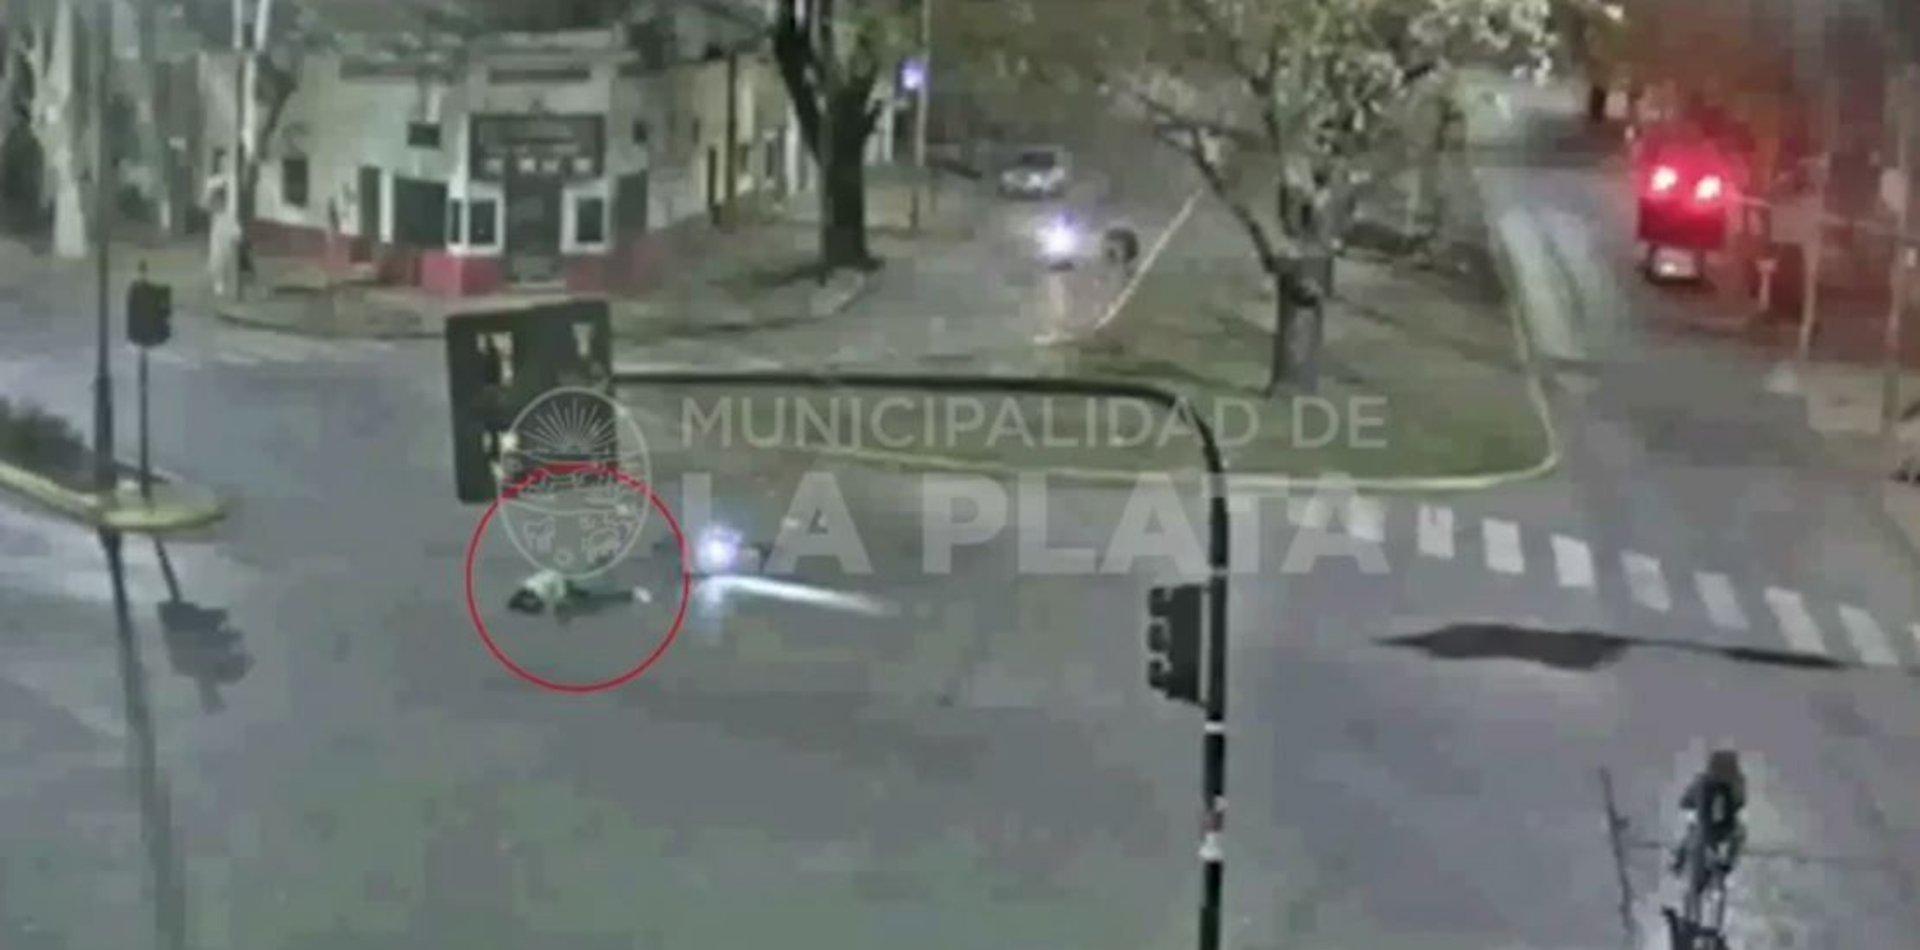 VIDEO: Un hombre en moto chocó con una rambla y terminó herido en La Plata